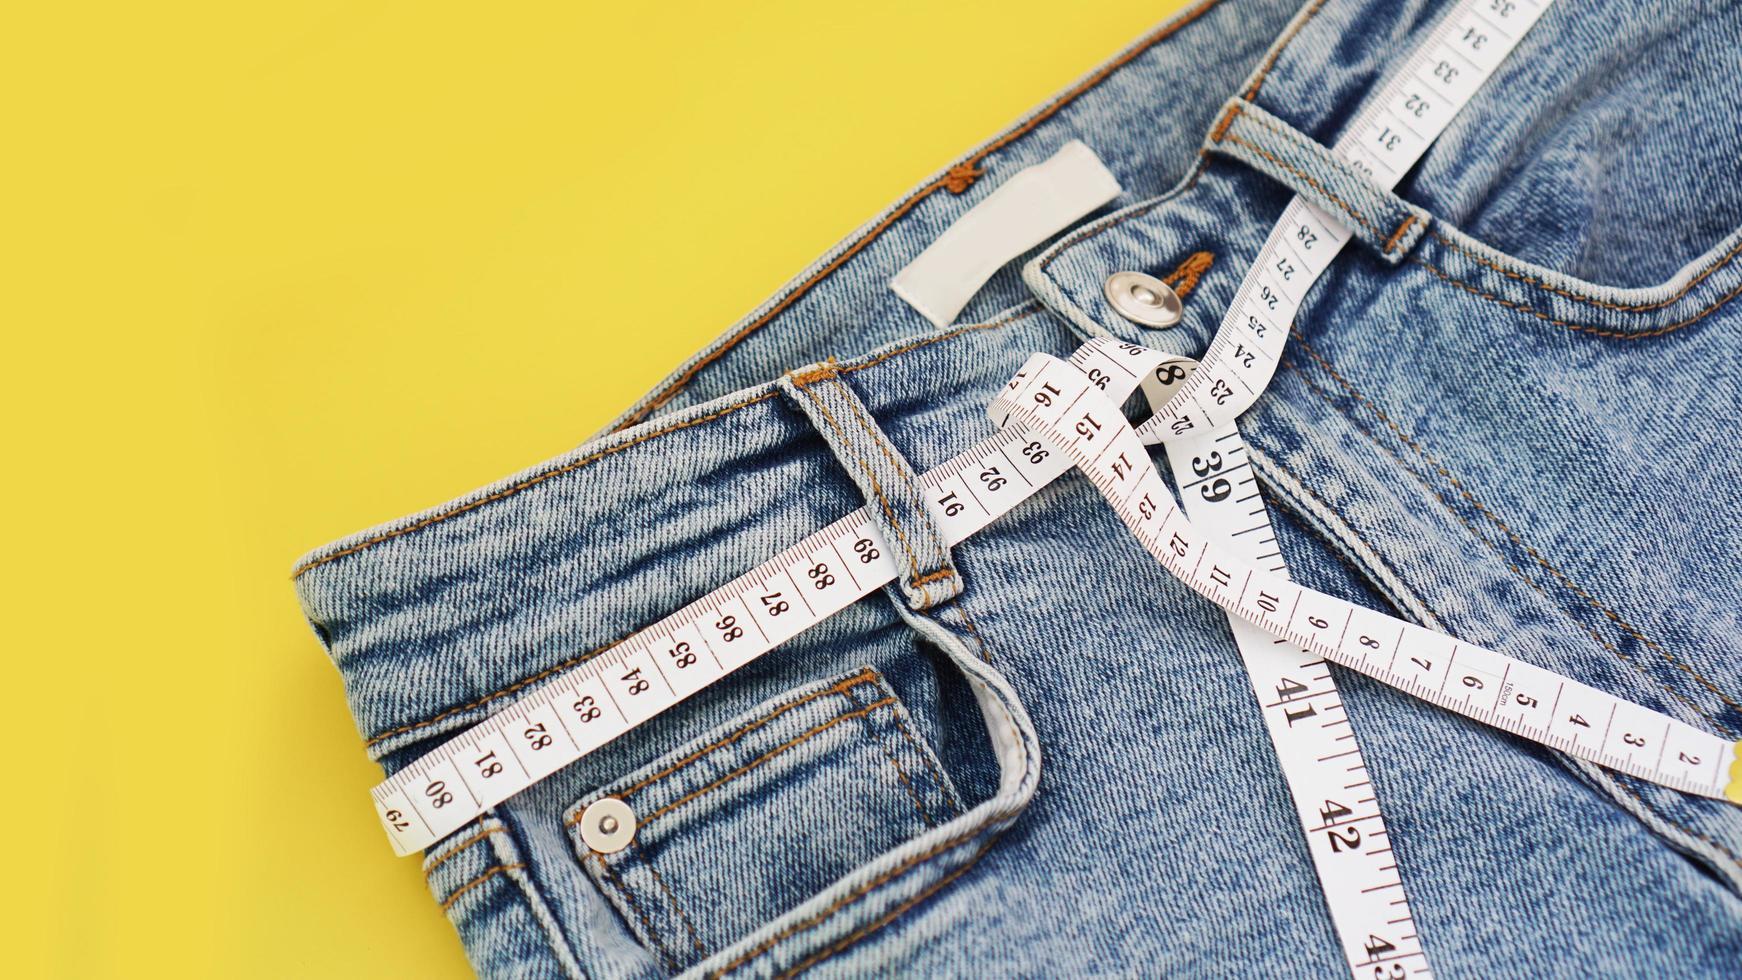 metro a nastro e jeans su uno sfondo giallo brillante foto